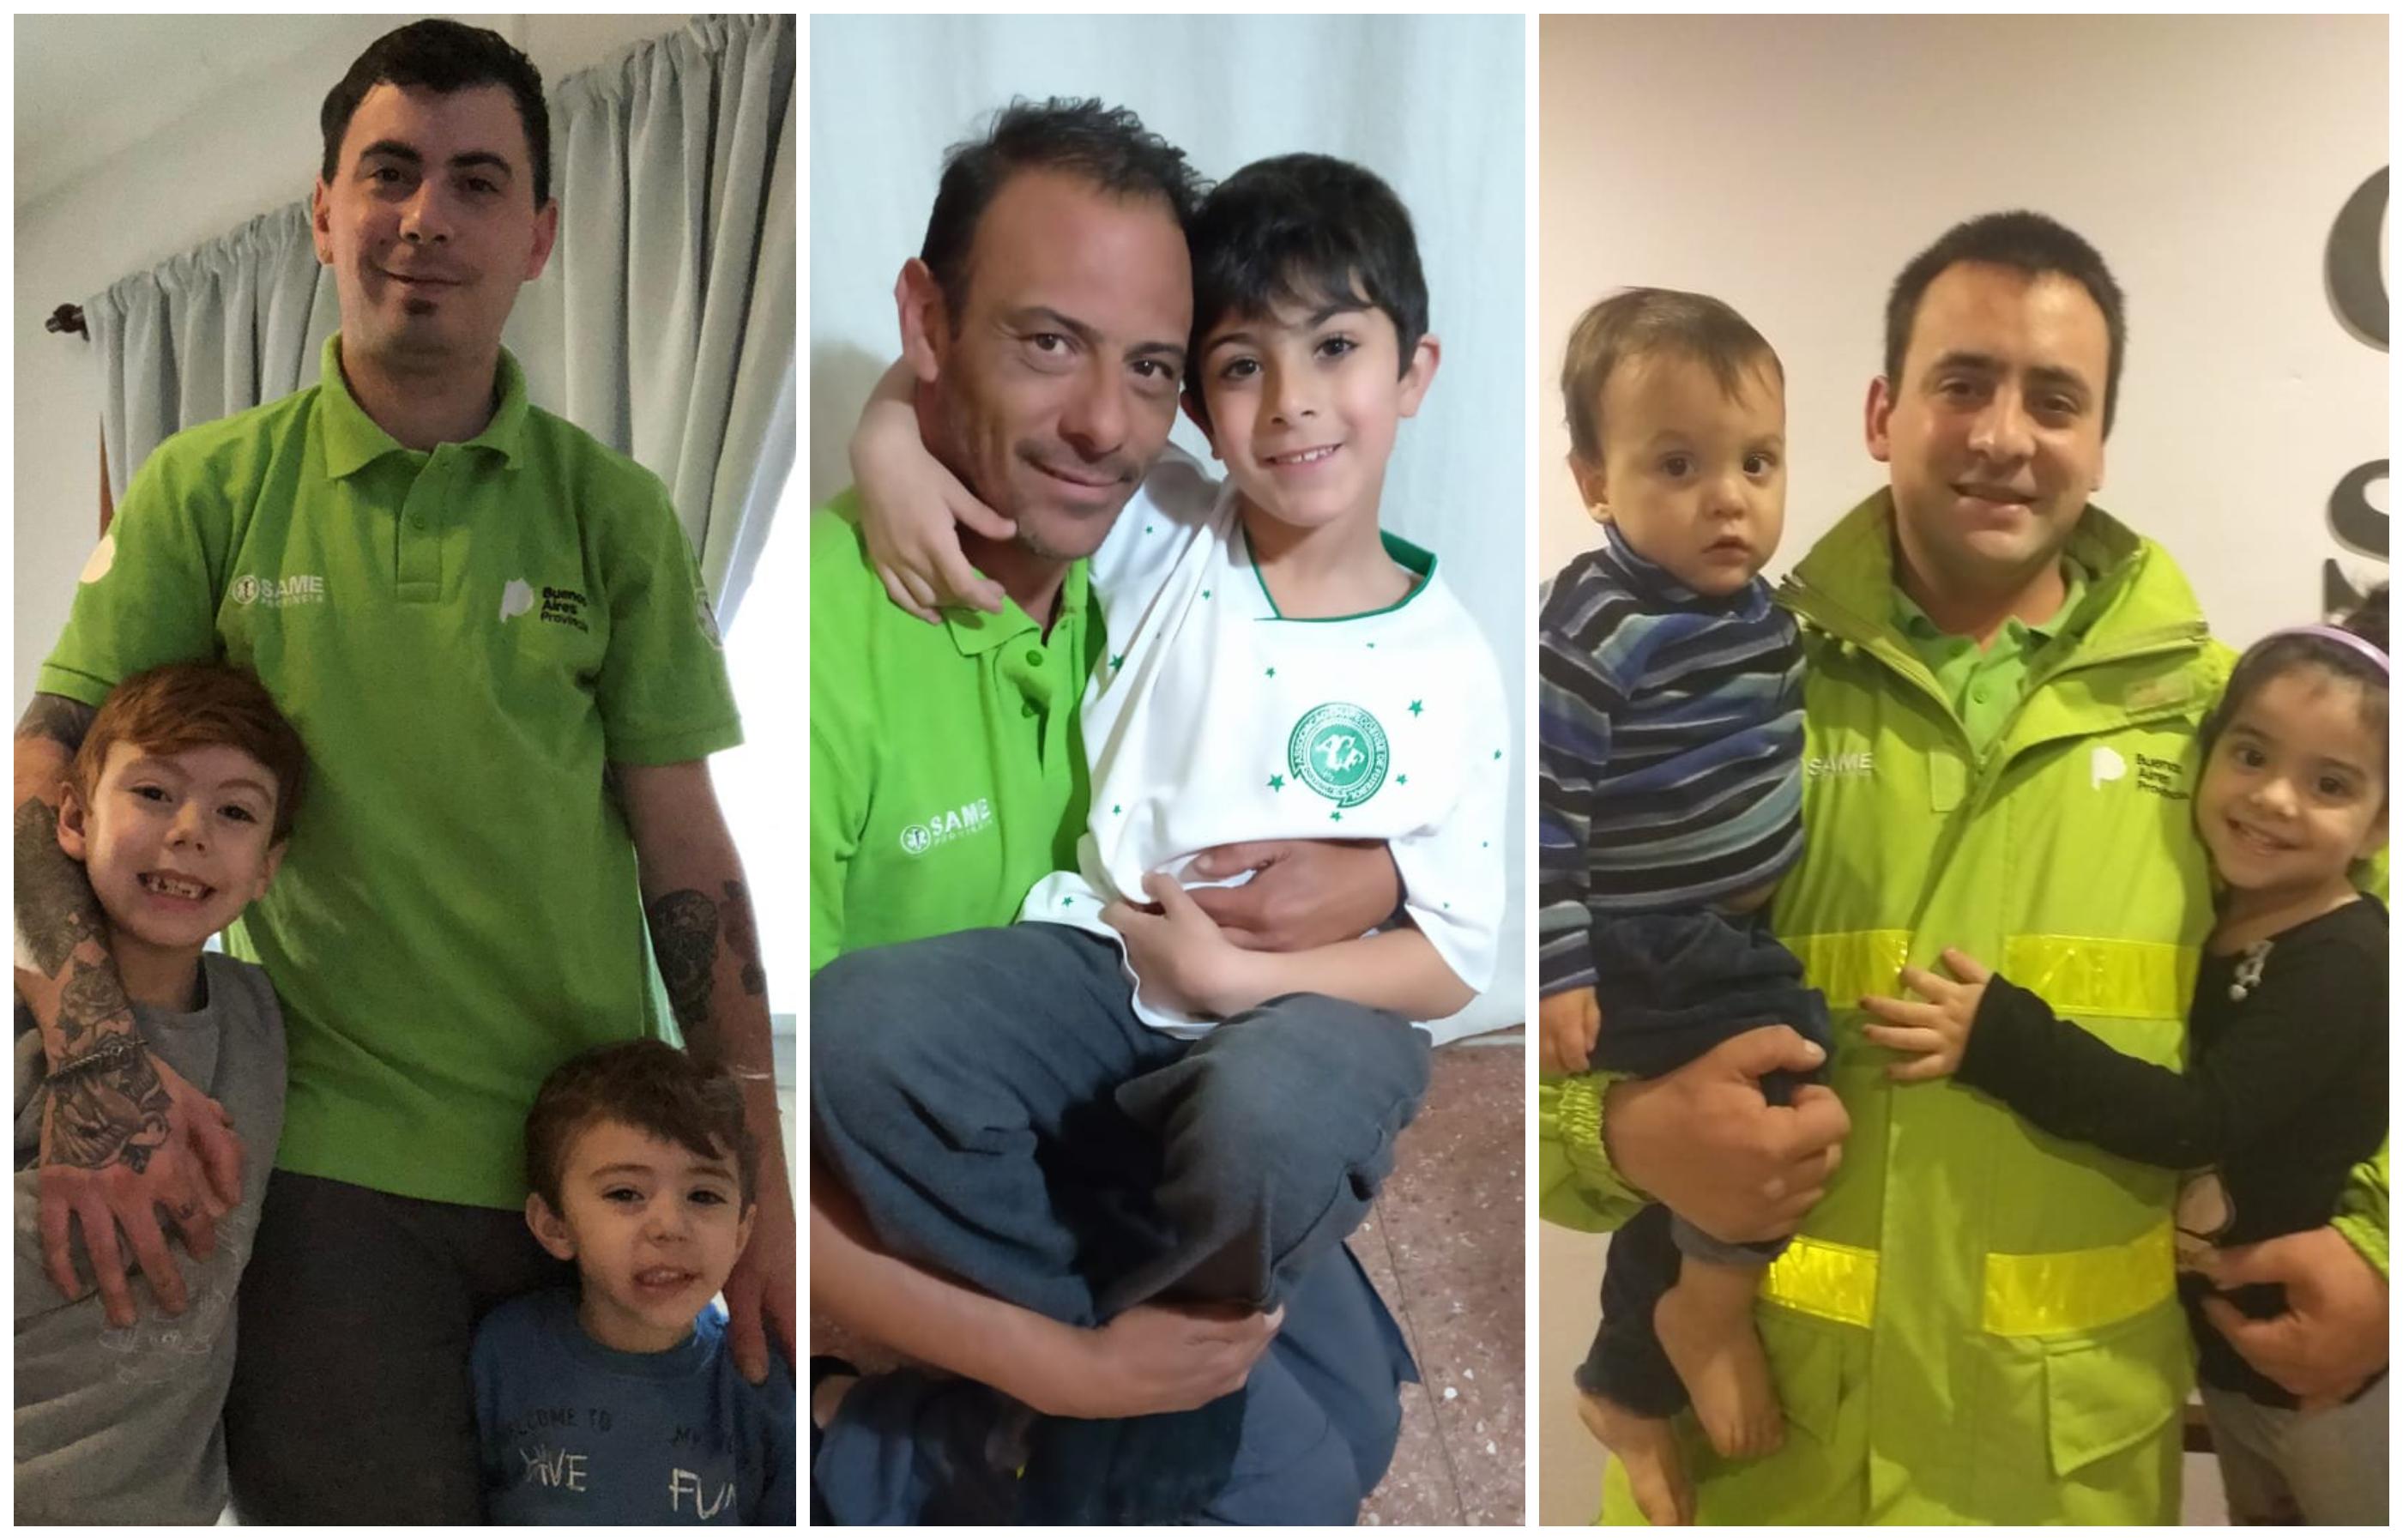 Maxi, Diego y Martín -tres choferes de las ambulancias del SAME que recorren la cuidad atrás de la emergencia- posaron para la foto cada uno acompañado por sus hijos, con el honor de portar el uniforme.